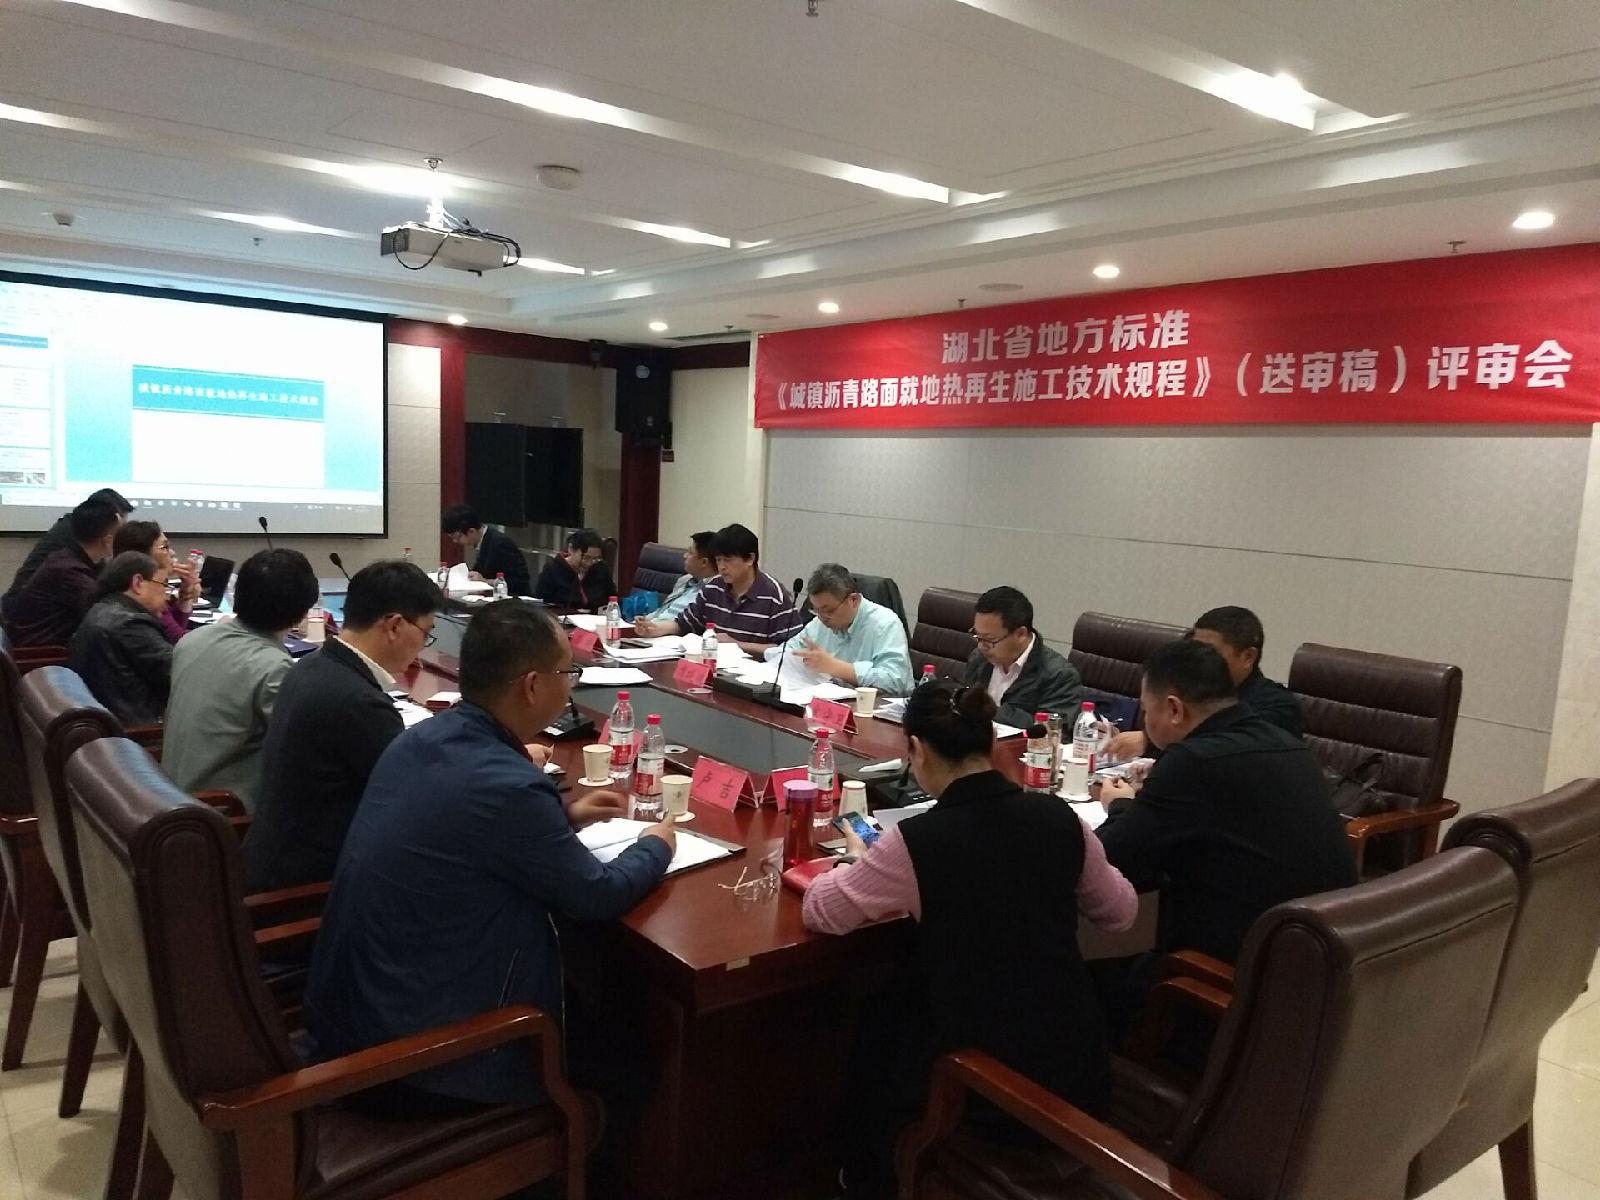 企业参与主编的湖北省地方标准送审稿顺利通过专家评审